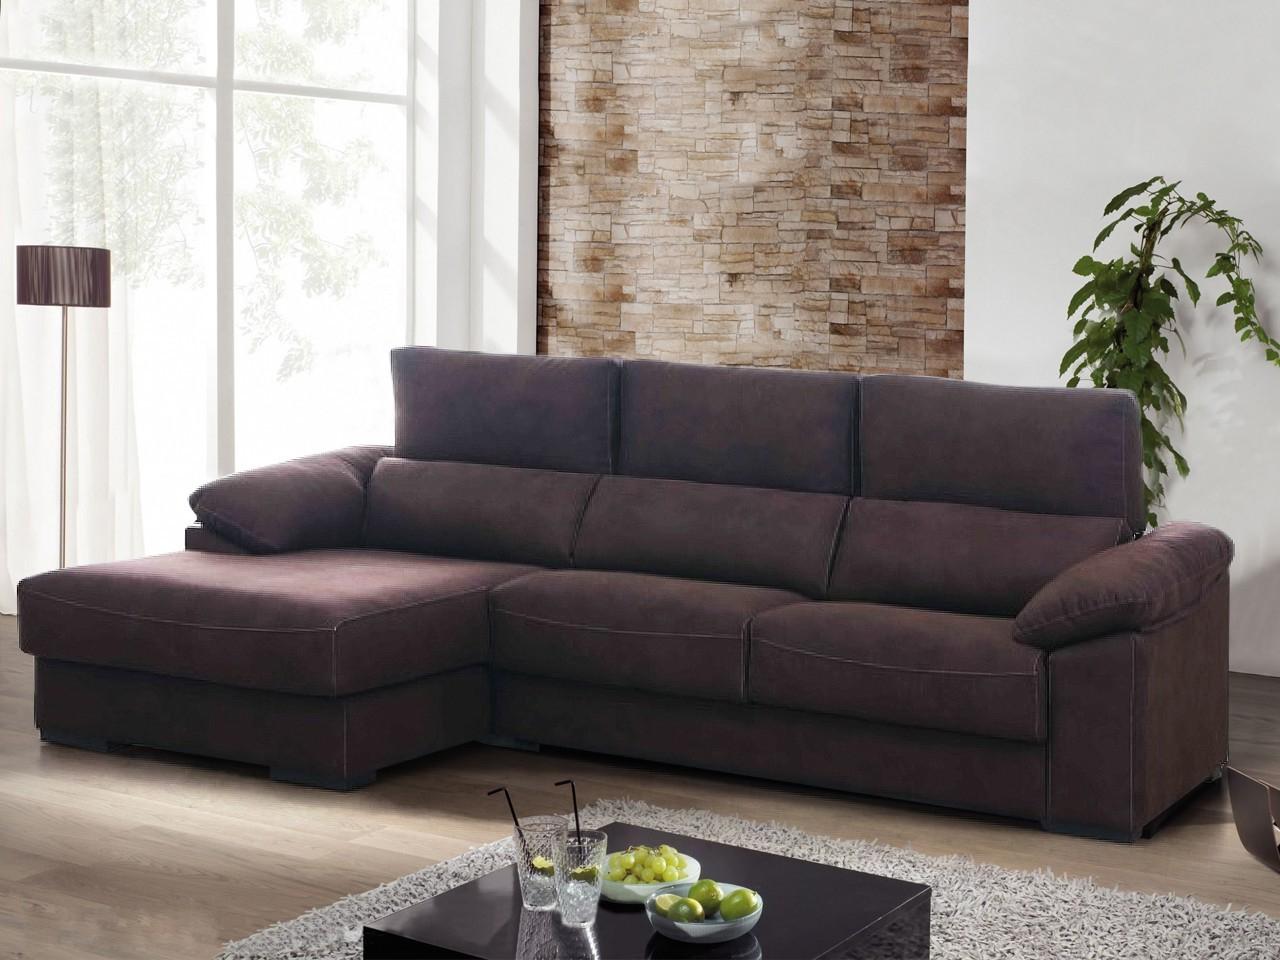 Conforama sofas Cheslong Irdz Carino Sillones Cheslong Baratos sof S Estiloso De sofas Conforama